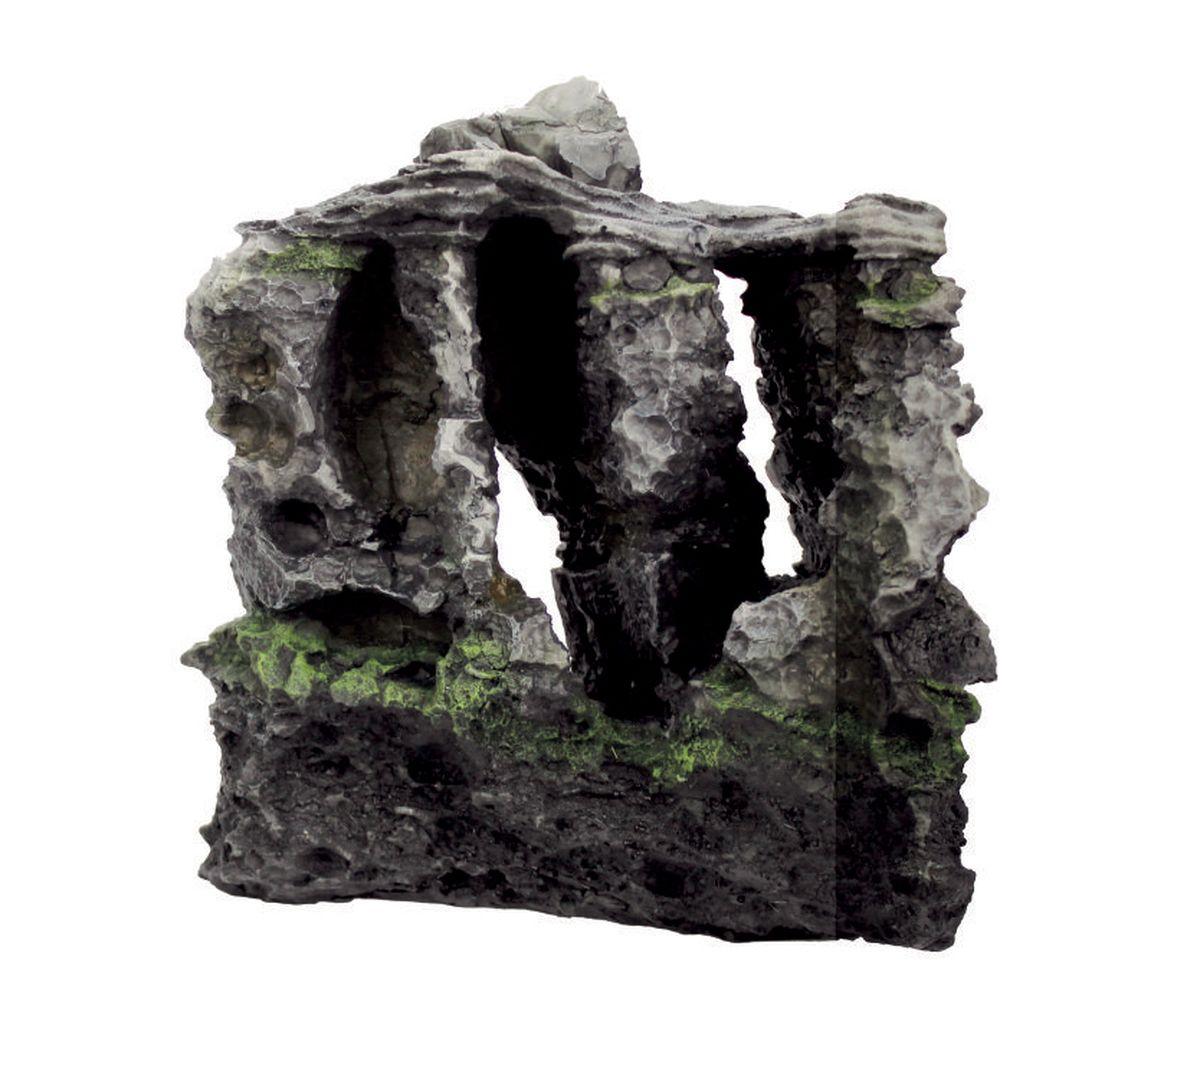 Декорация для аквариума ArtUniq Ущелья, 29 x 24,5 x 28 смART-3116360Декорация для аквариума ArtUniq Ущелья, 29 x 24,5 x 28 см